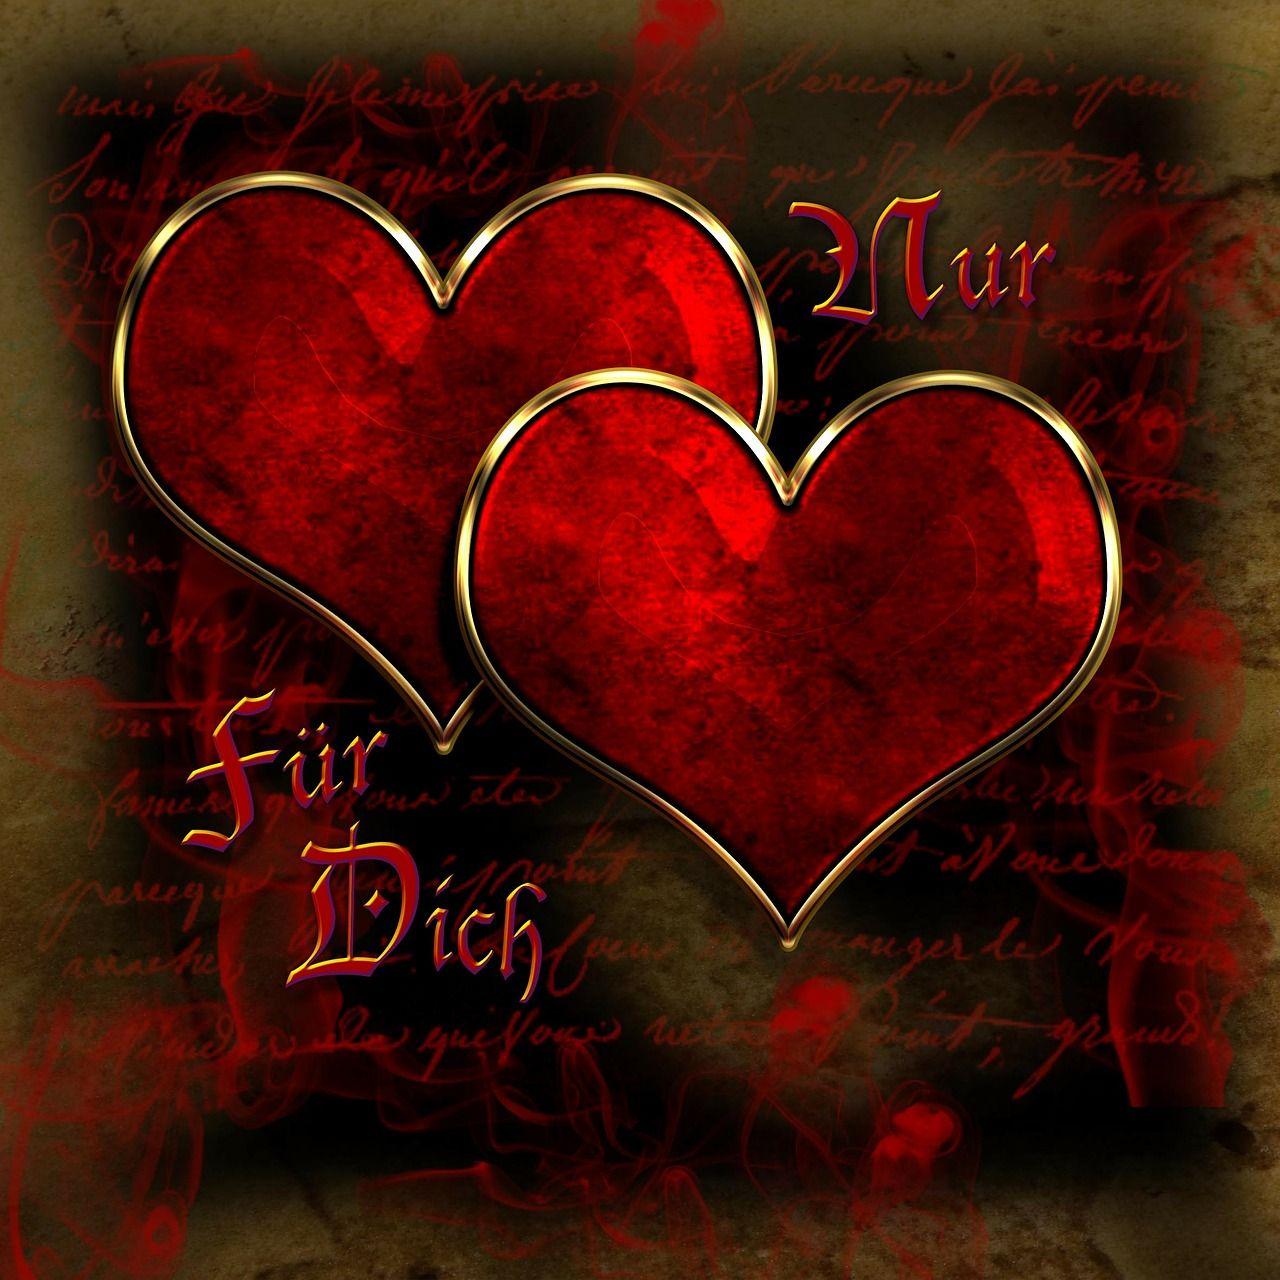 Kostenloses Bild auf Pixabay - Herzen, Herz, Liebe, Gruß